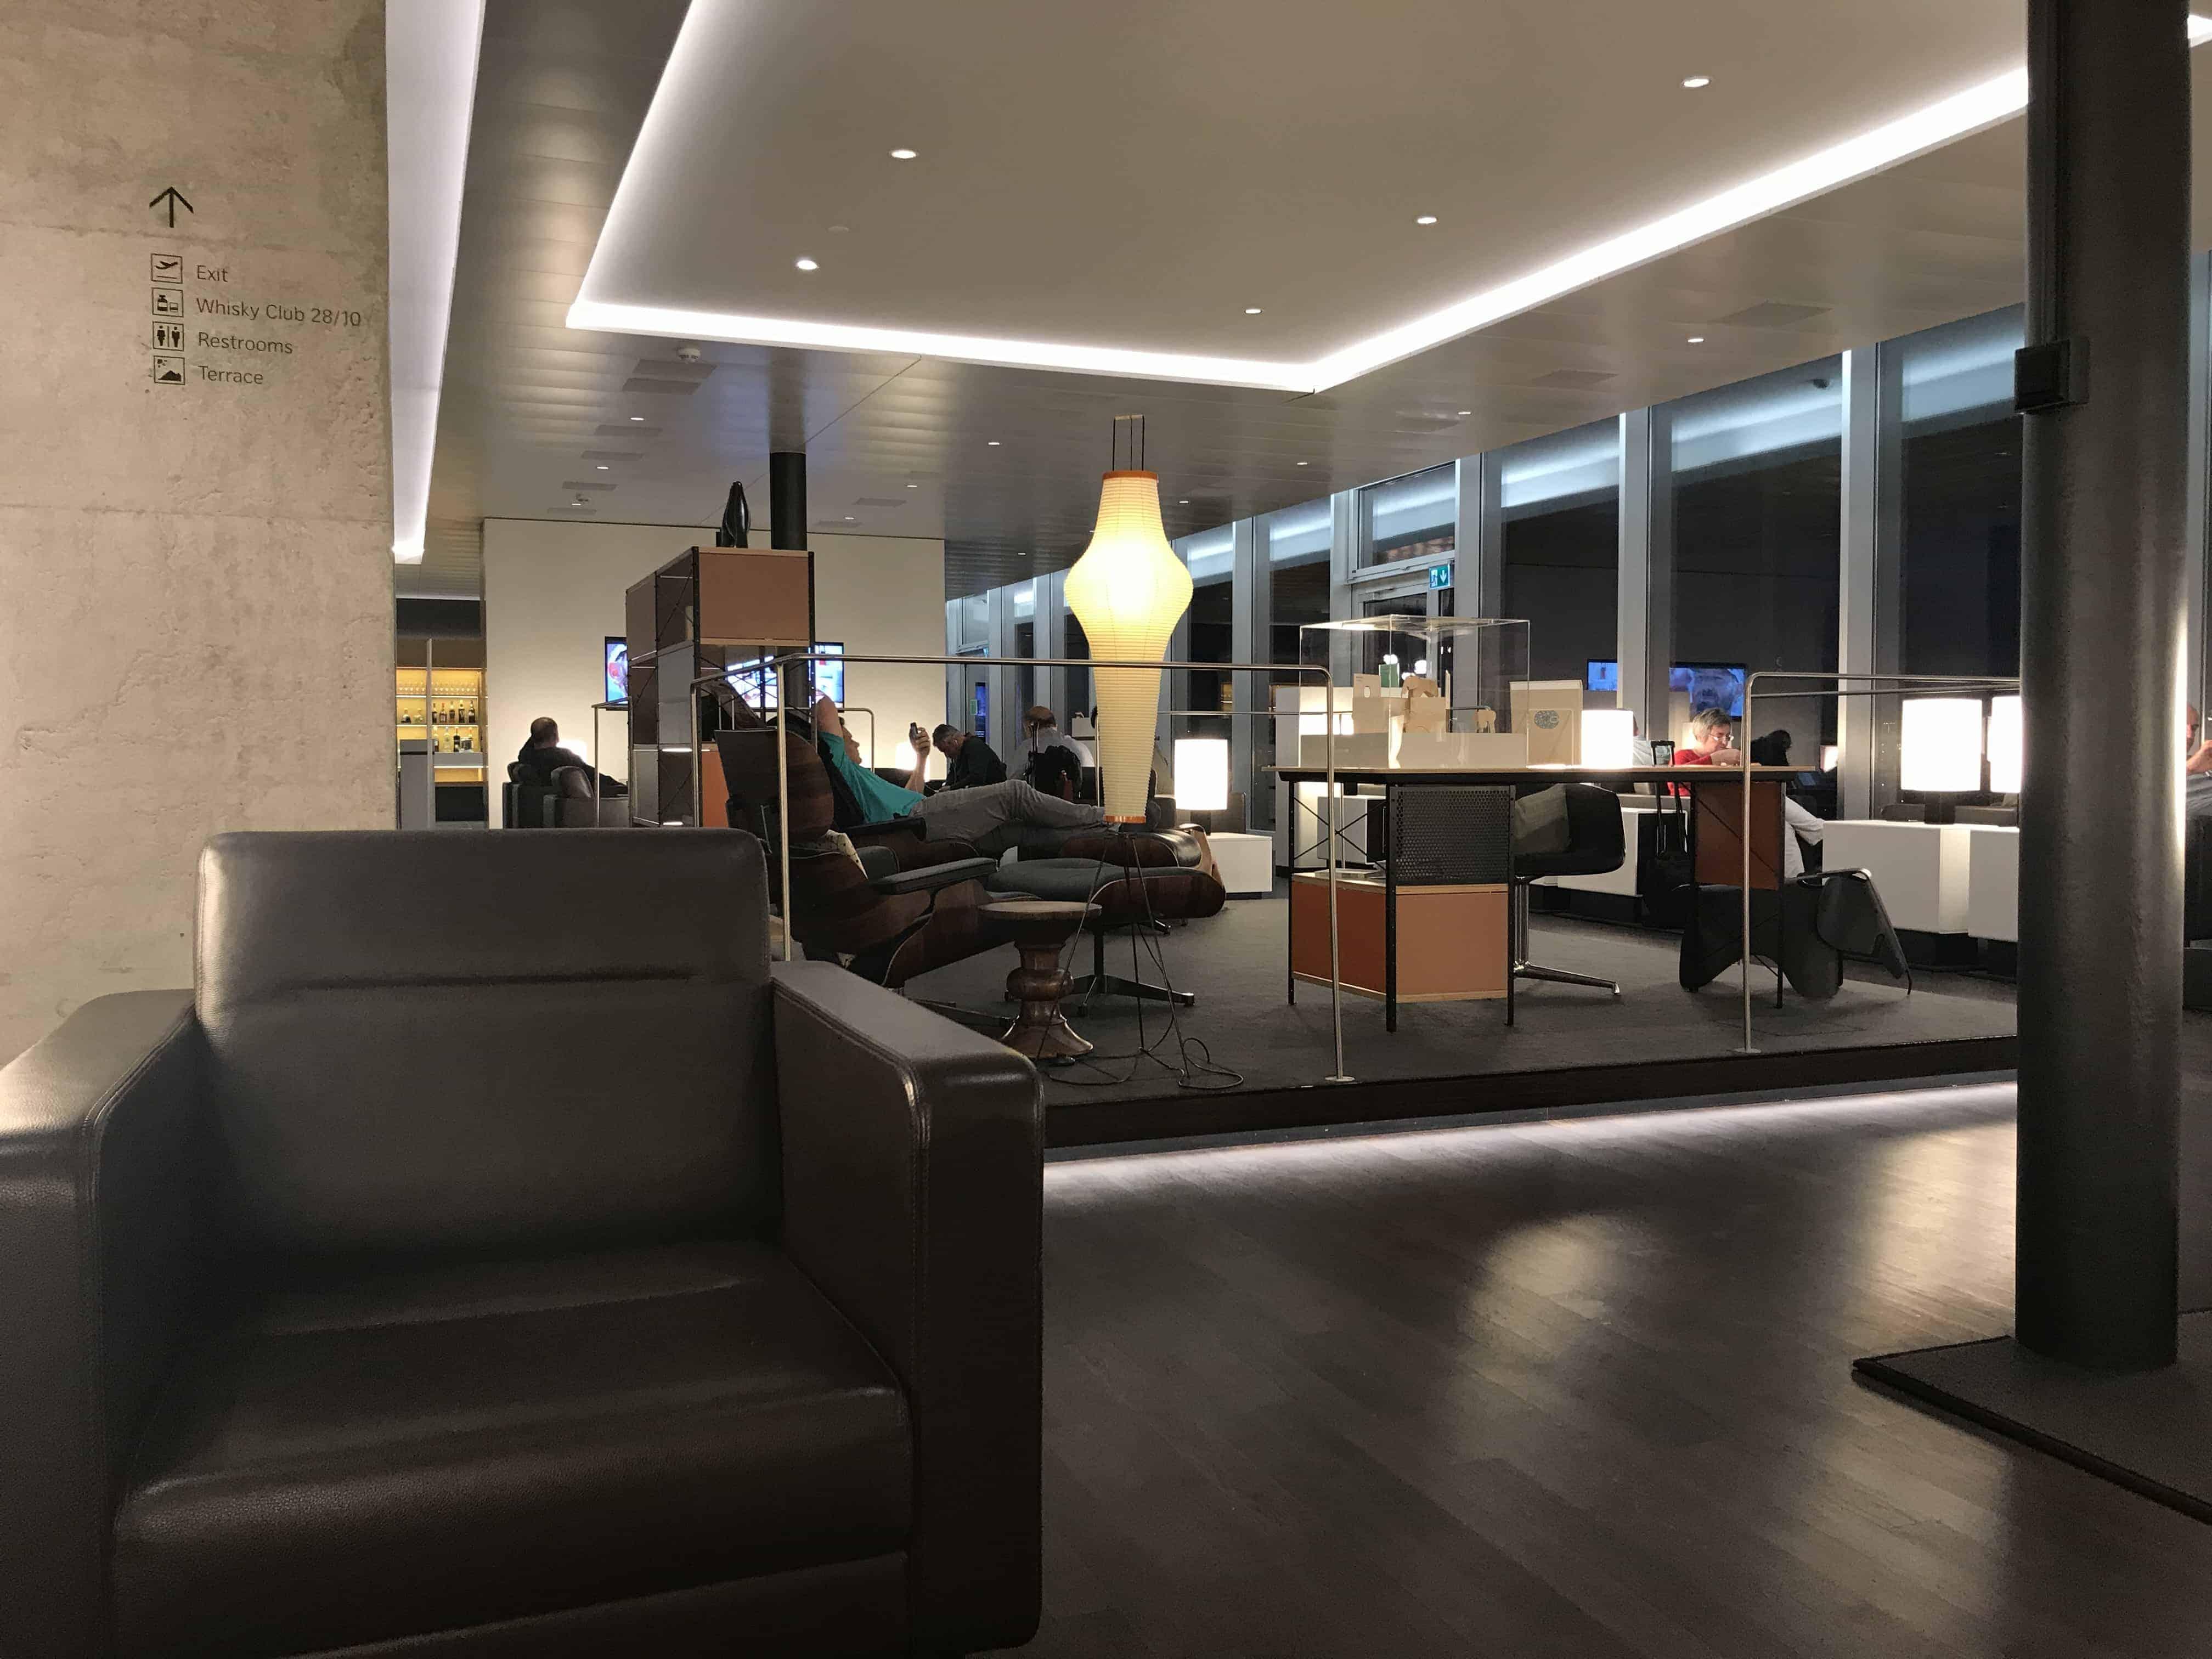 Swiss Lounge ZRH Loungearea